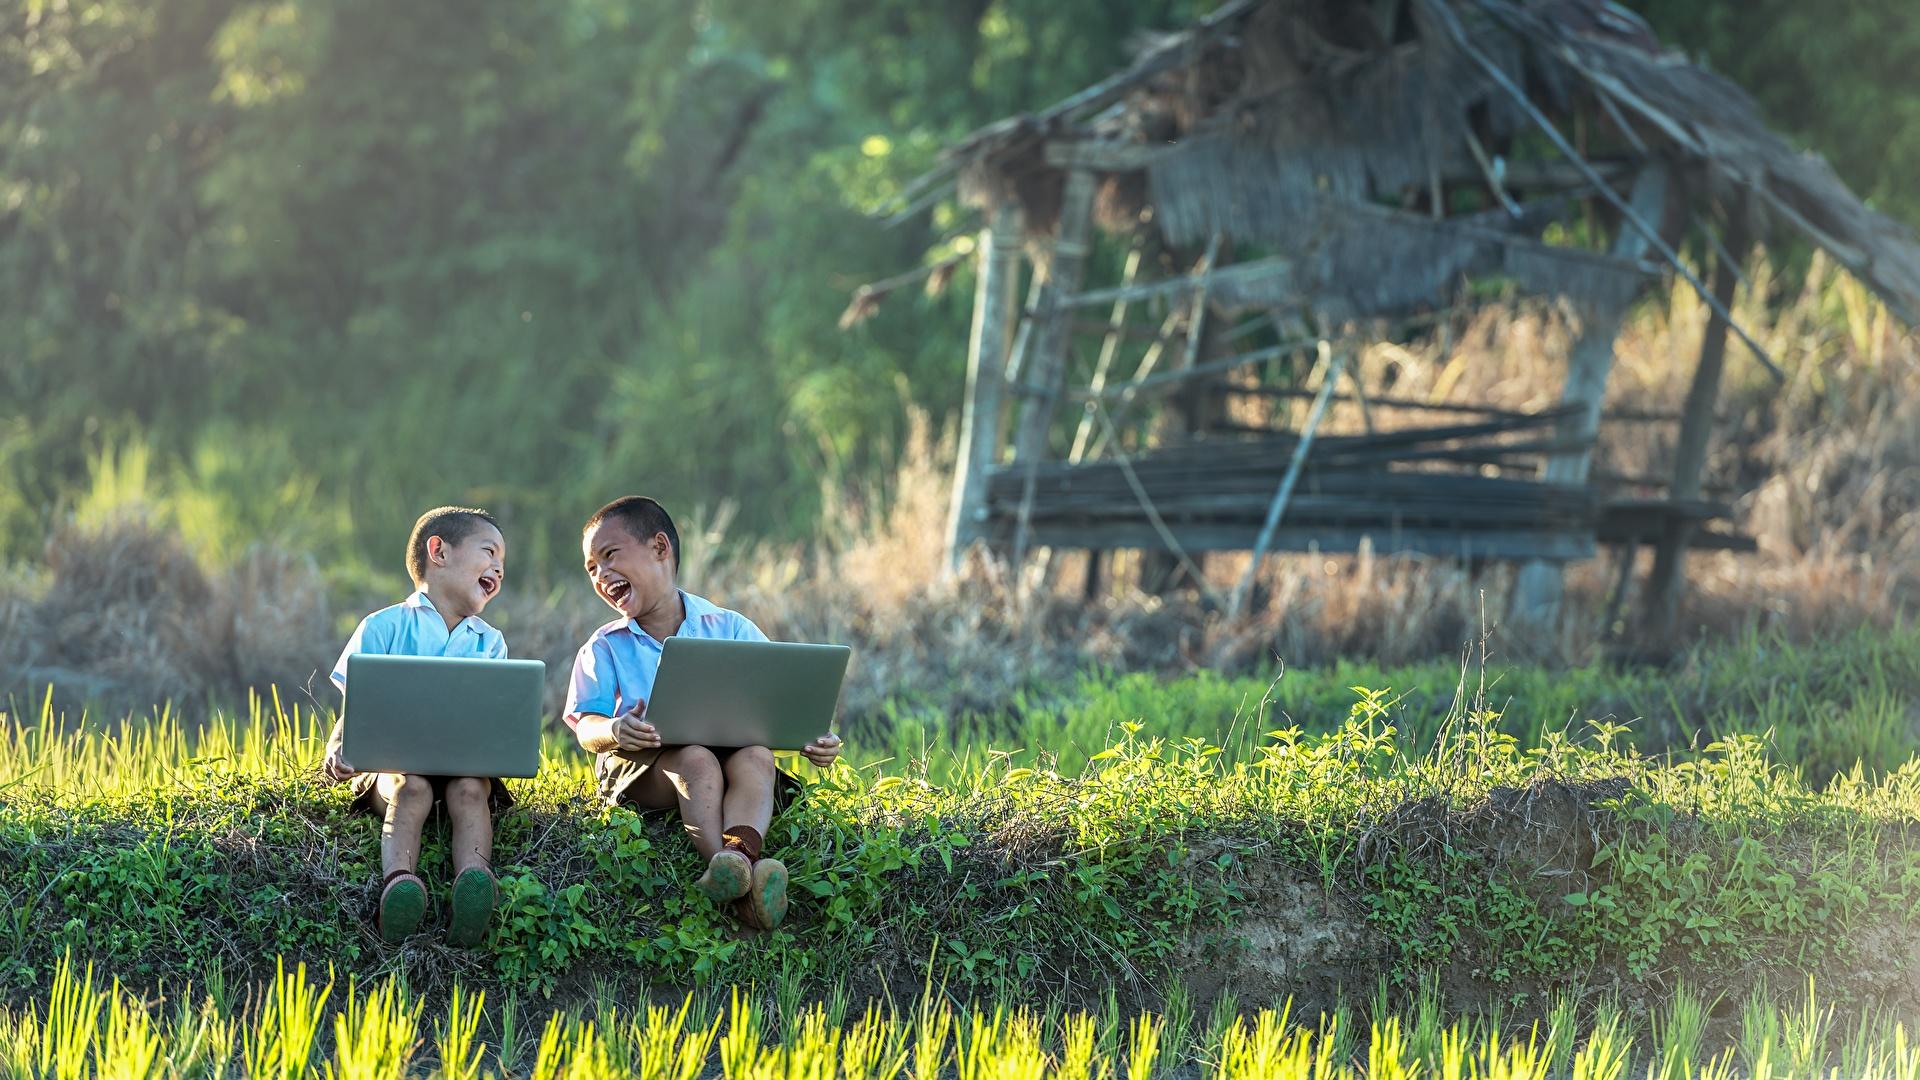 Foto Notebook Junge lacht Kinder Zwei Asiatische Gras Sitzend 1920x1080 jungen lachen Lachen 2 sitzt sitzen